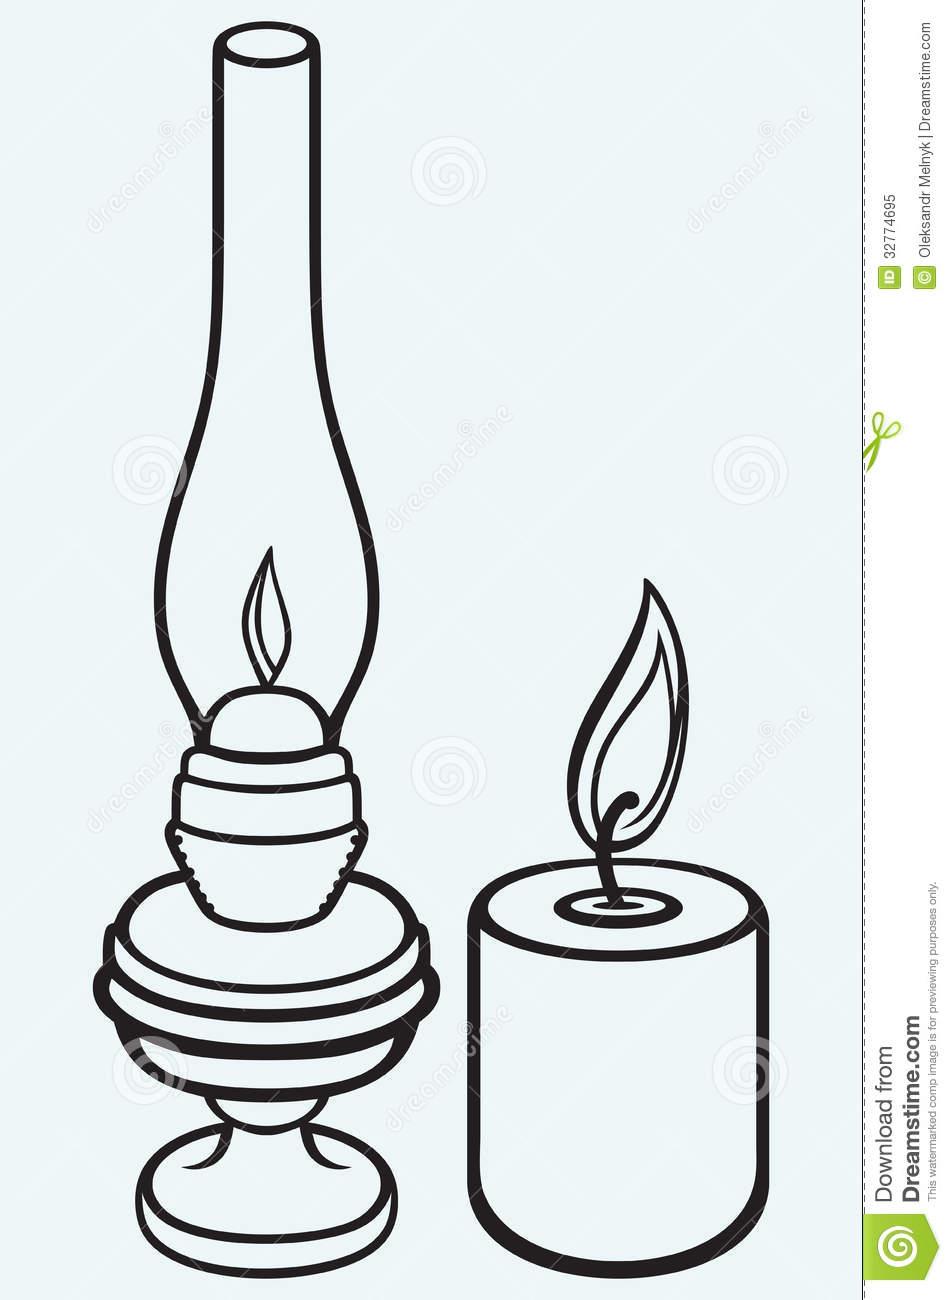 Kerosene lamp clipart - Clipground for Drawing Oil Lamp  173lyp